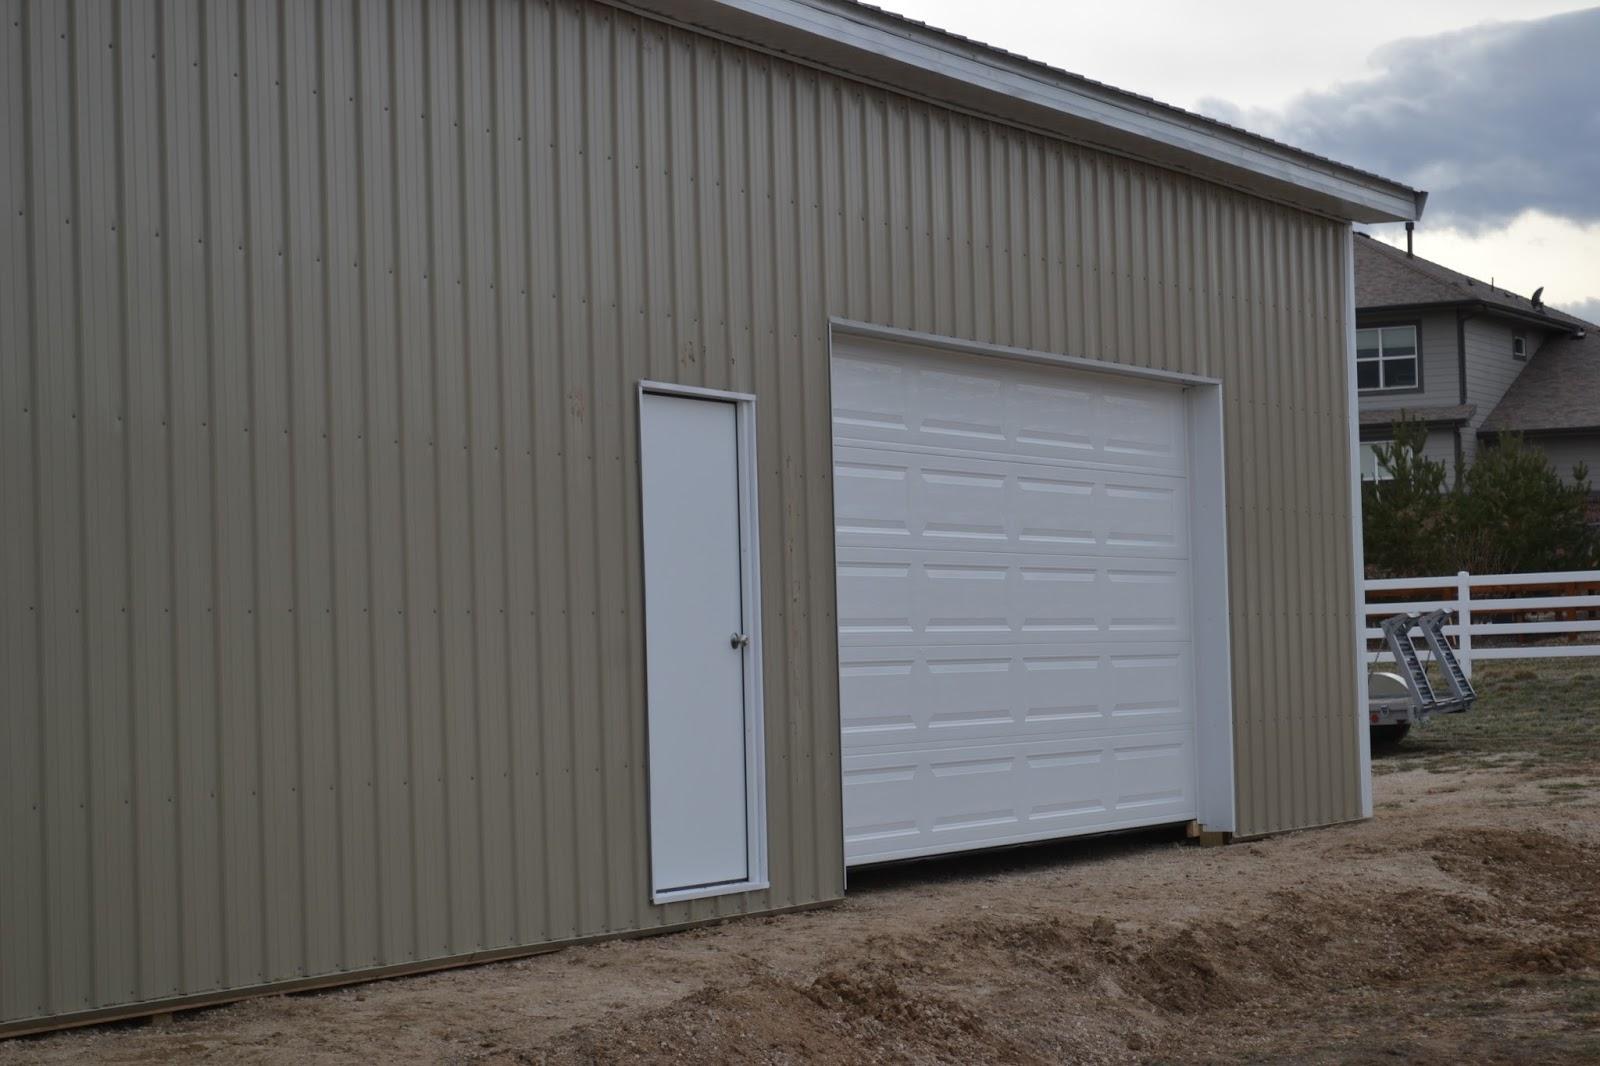 20 x 8 garage door for sale decor23 for 14 x 8 garage door